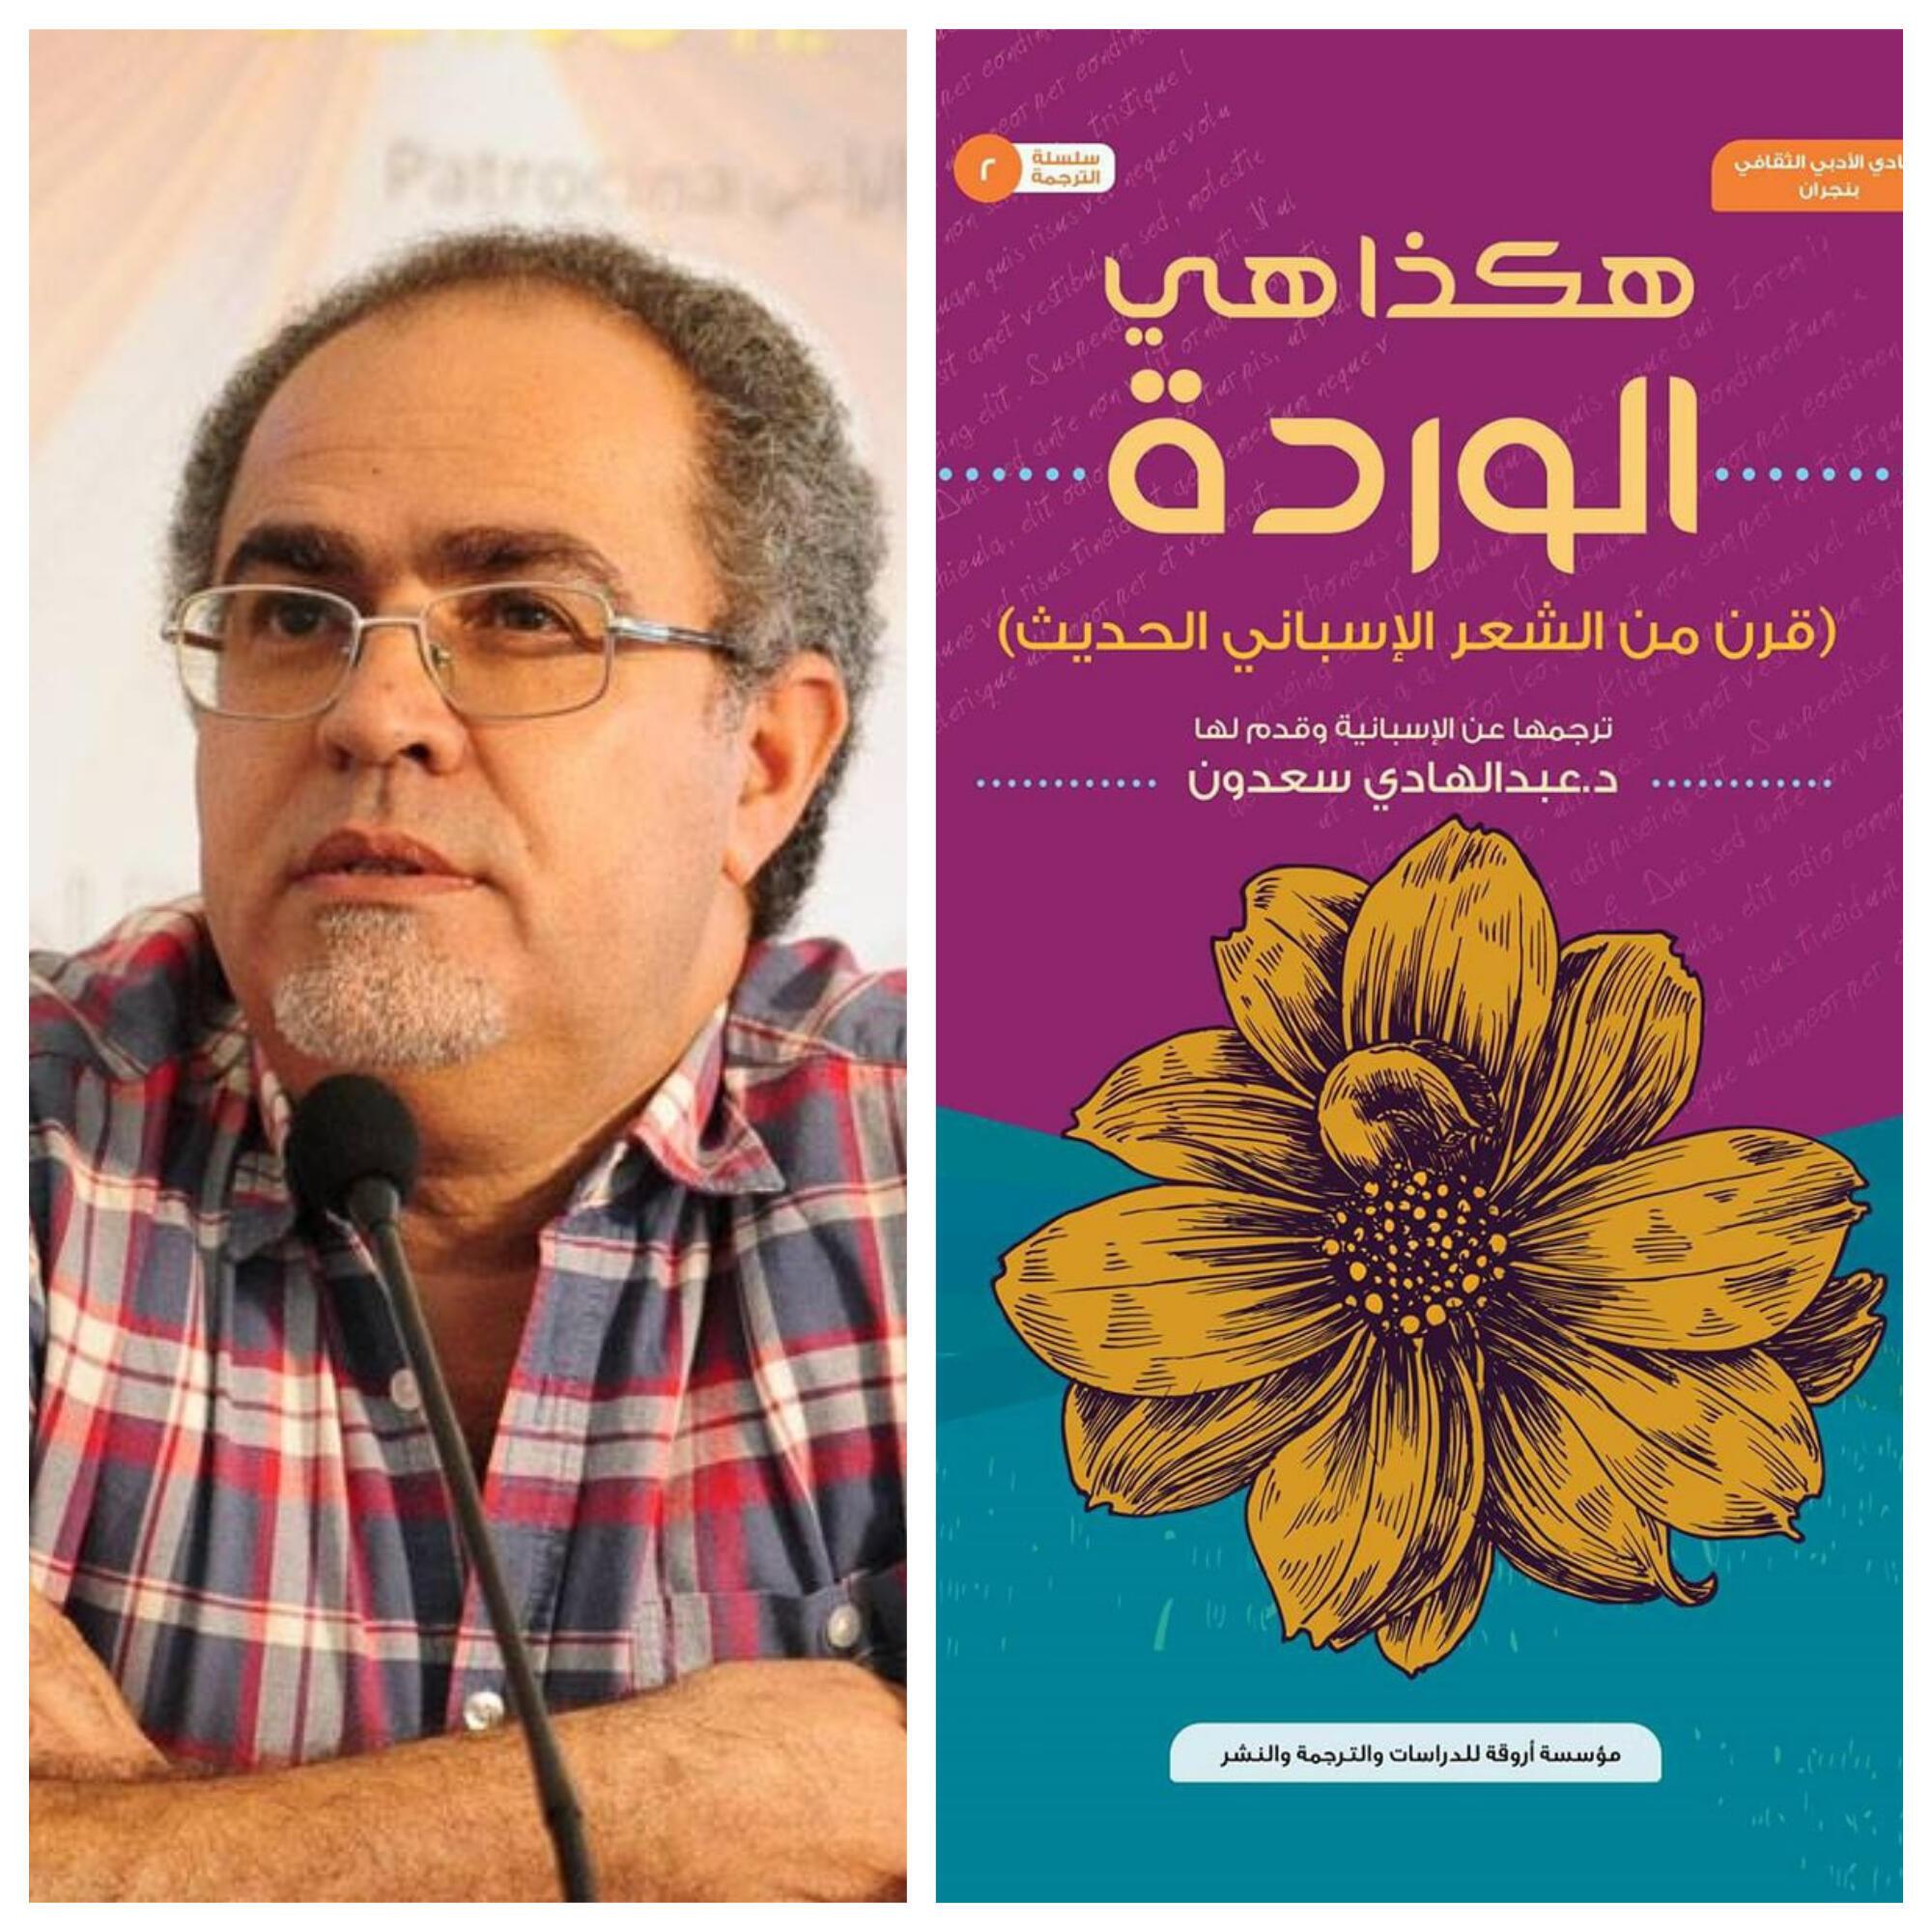 """""""هكذا هي الوردة، قرنٌ من الشعر الاسباني الحديث"""" للكاتب والمترجم العراقي المقيم في إسبانيا عبد الهادي سعدون"""